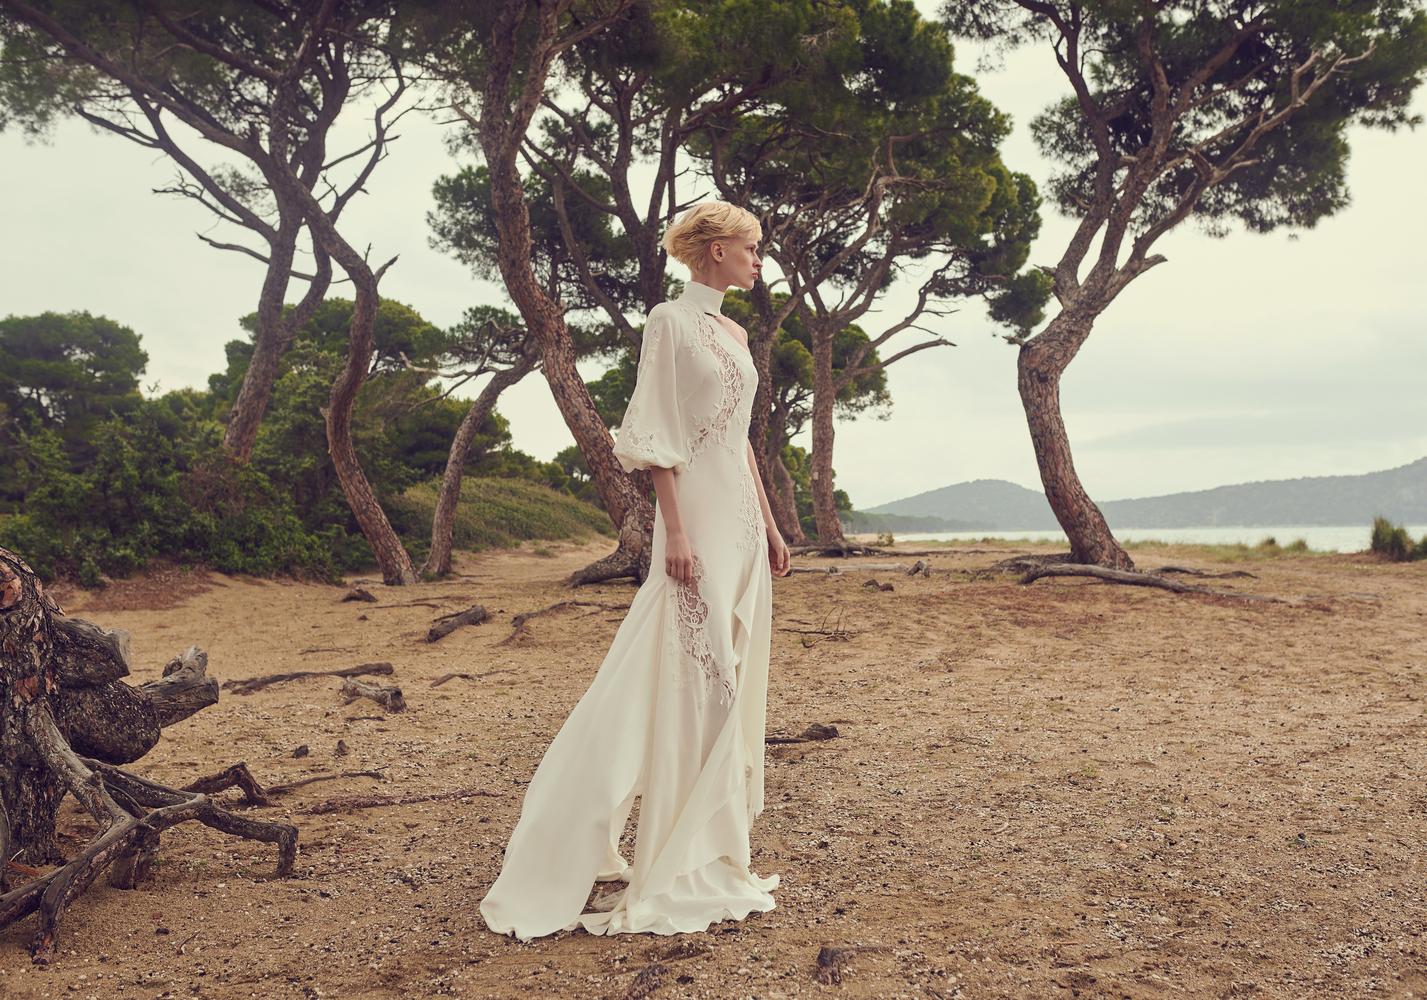 dione dress photo